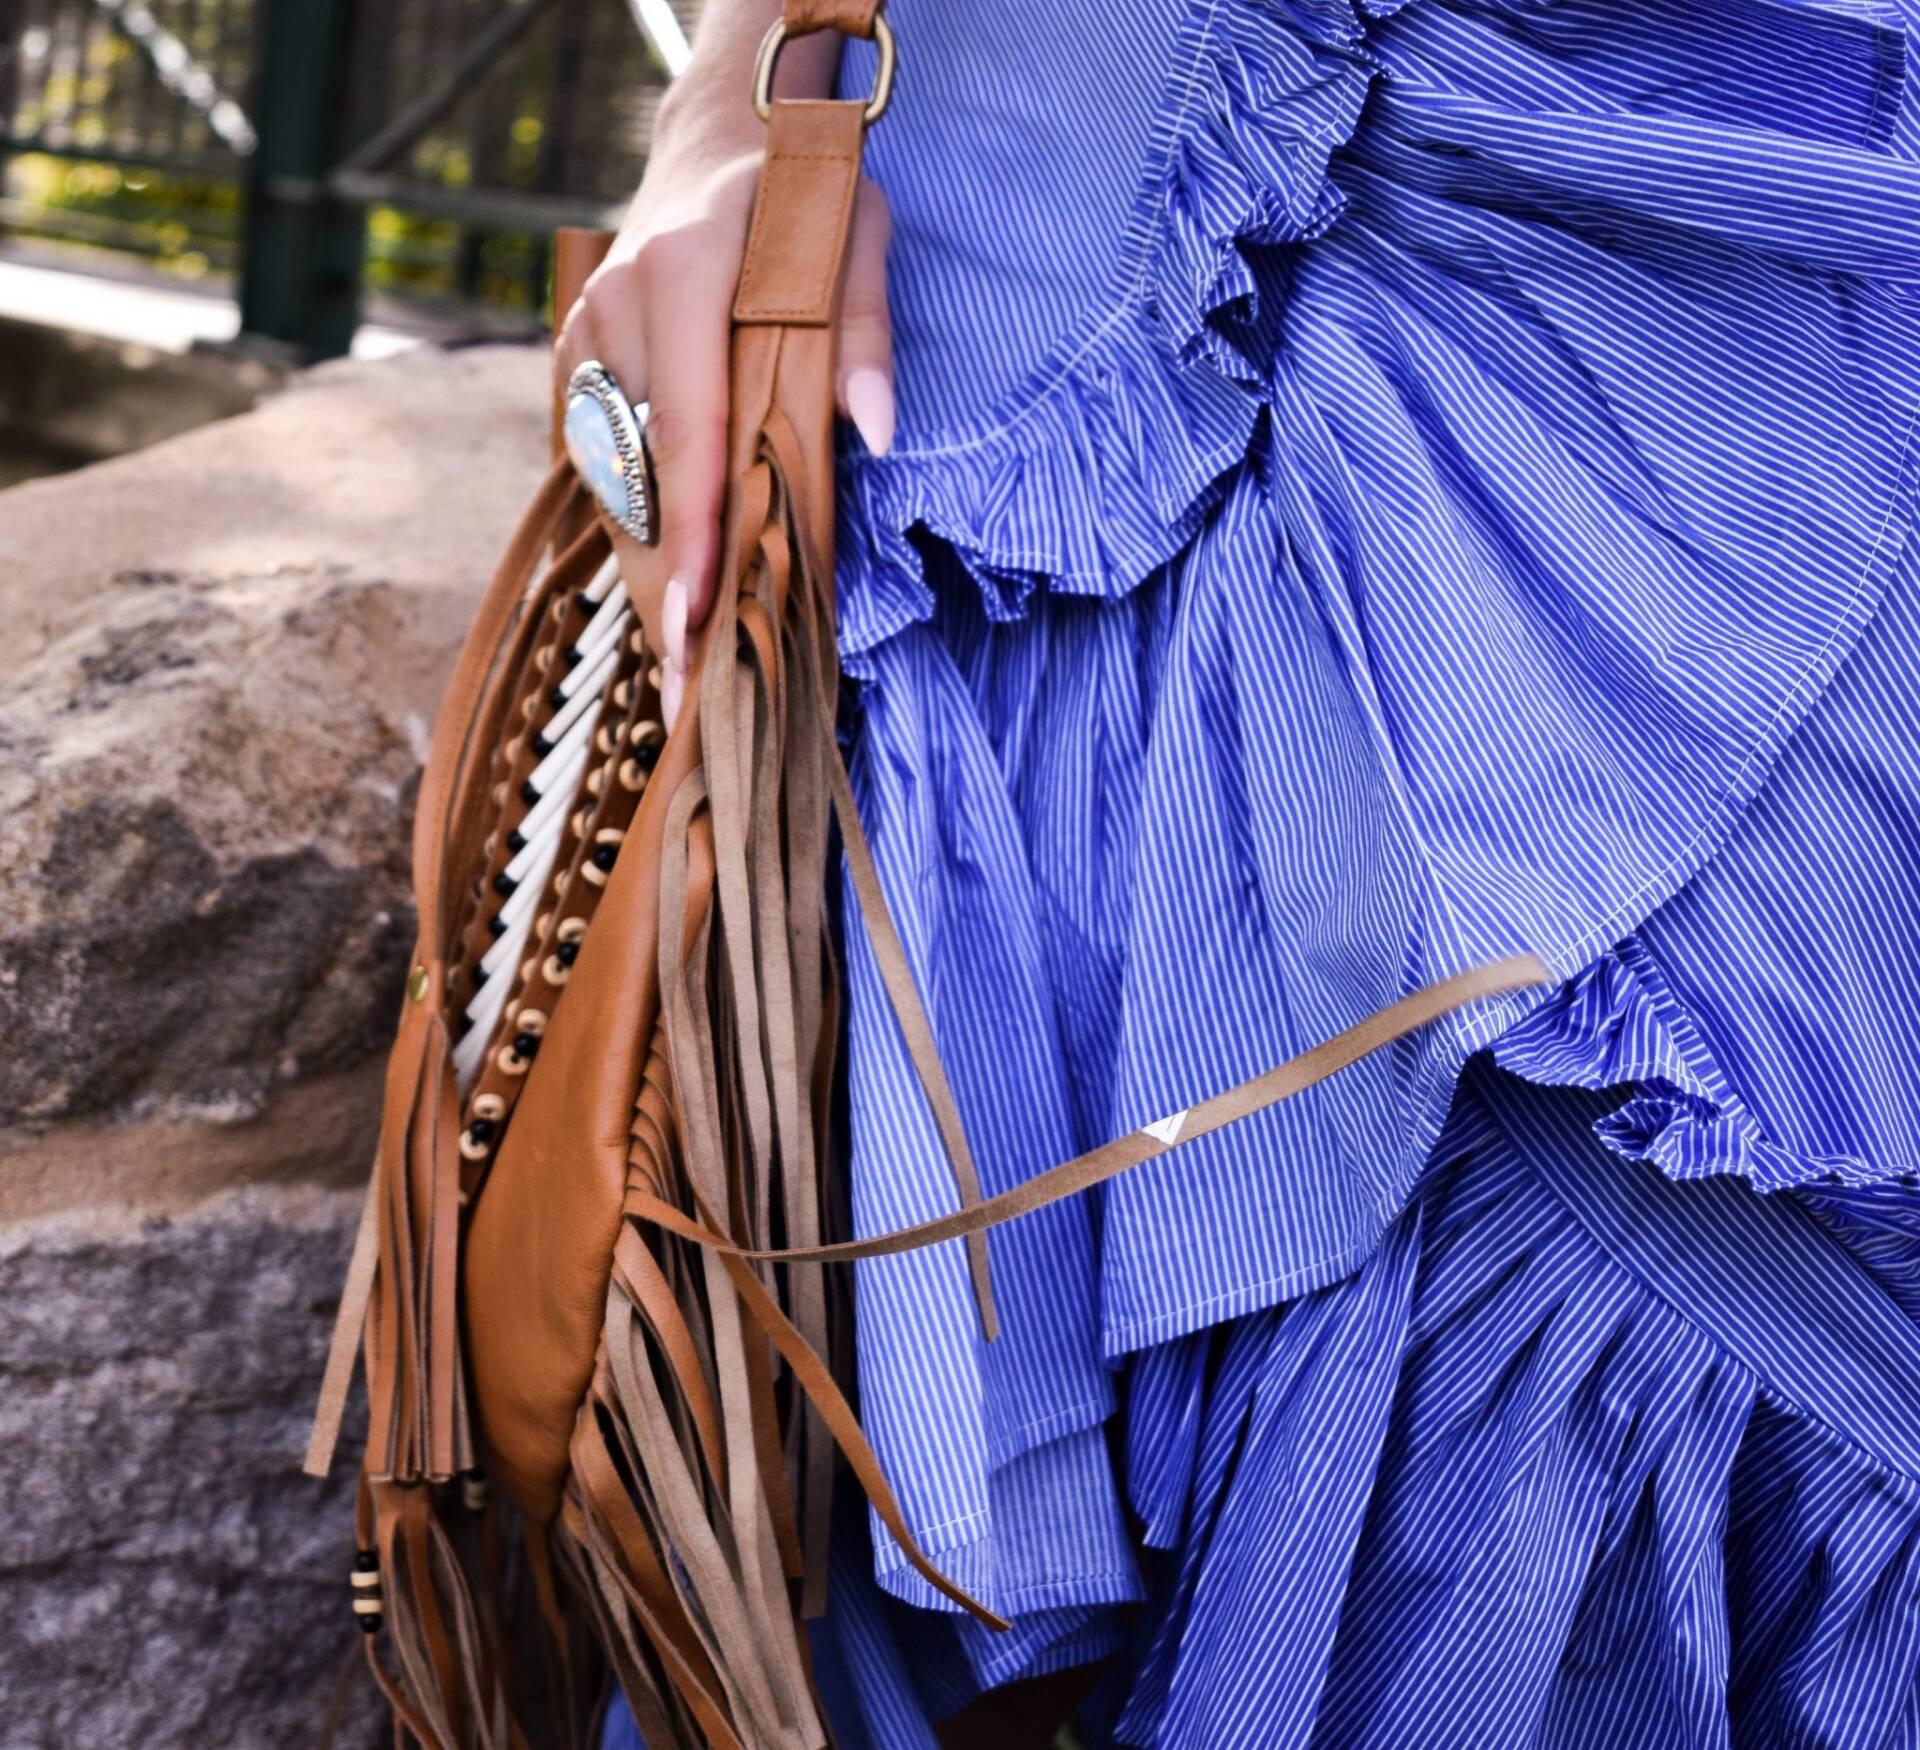 Spring Fashion - Boho Vibes